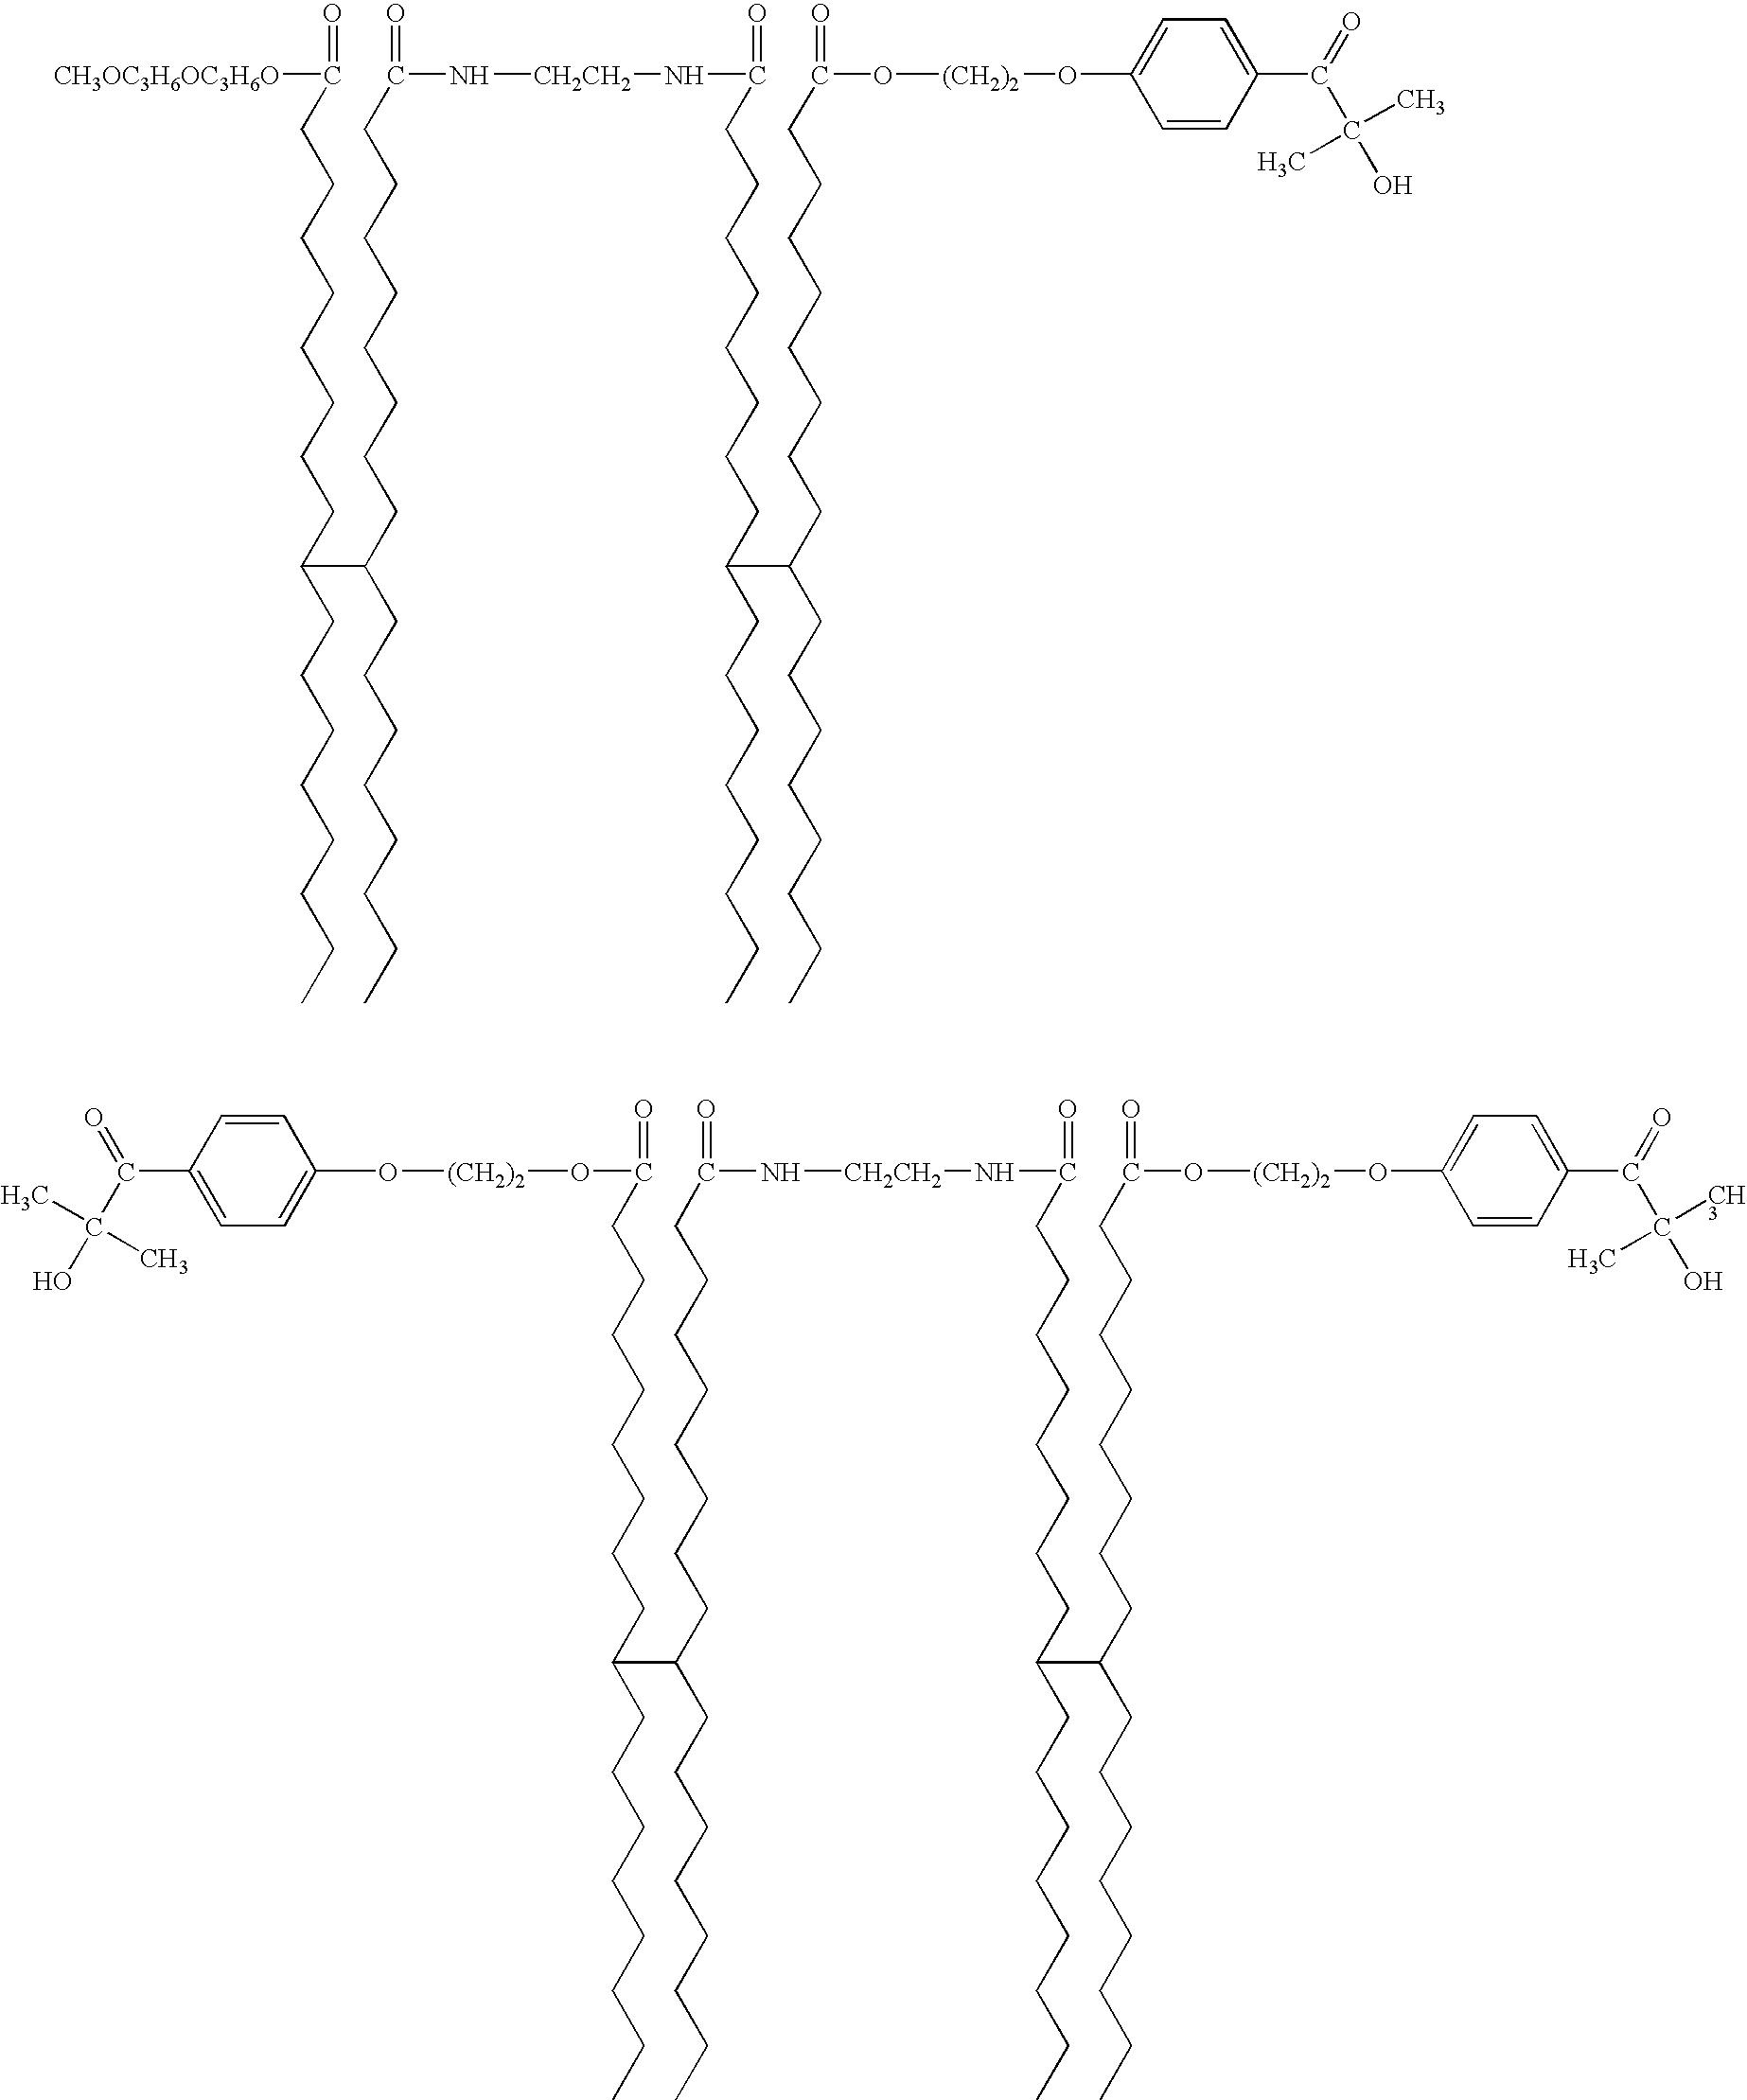 Figure US20070120910A1-20070531-C00050